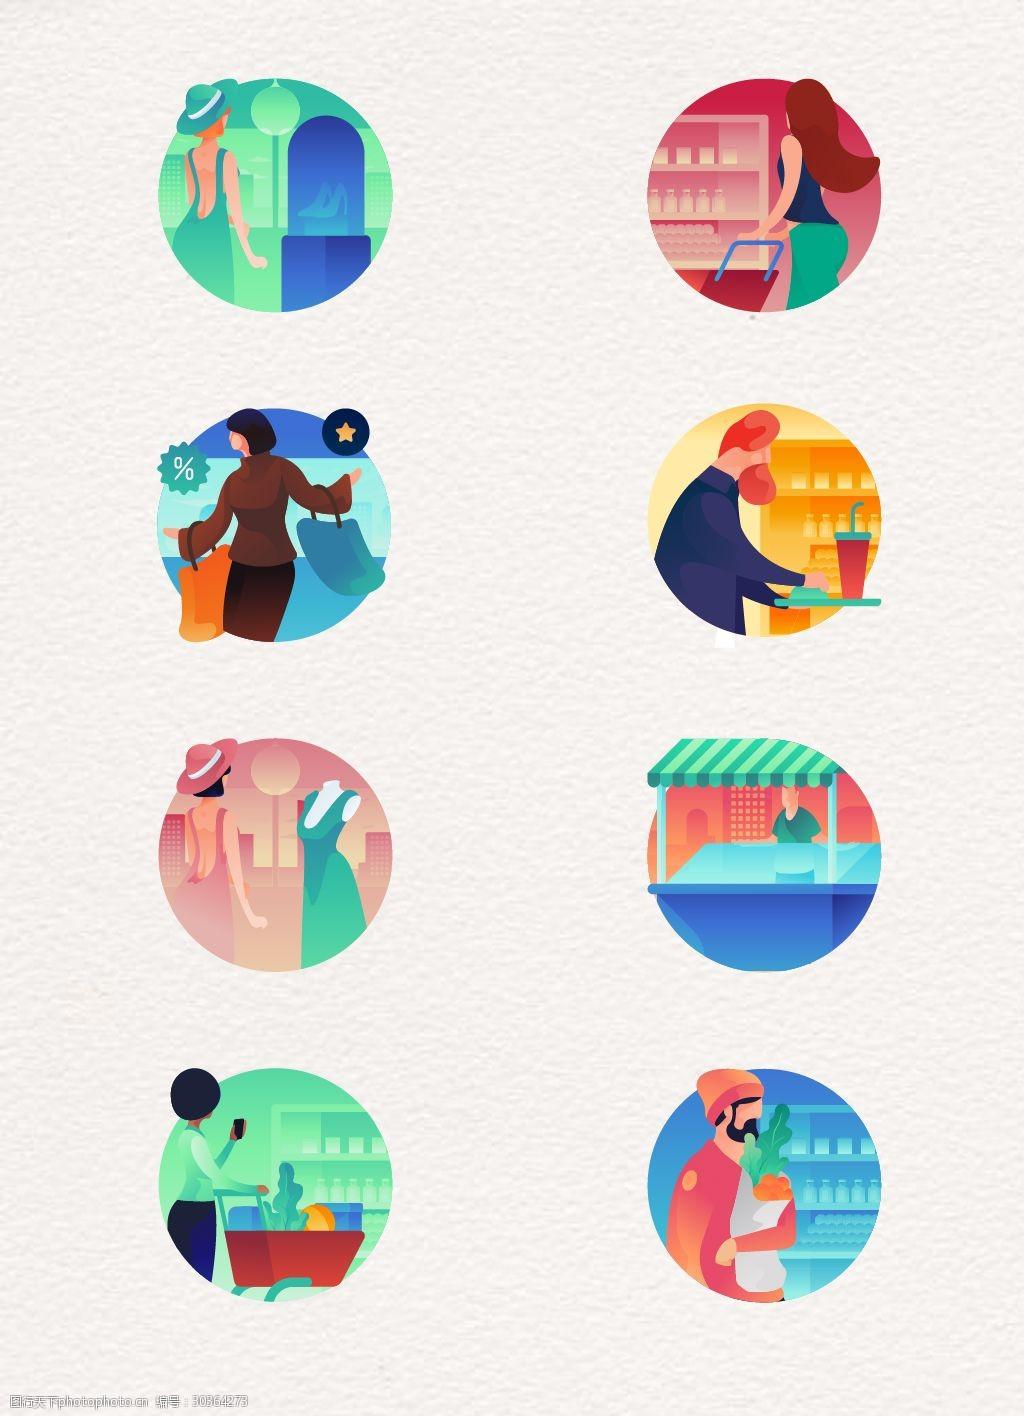 8组圆形设计图标素材设计udp服务器的购物图片